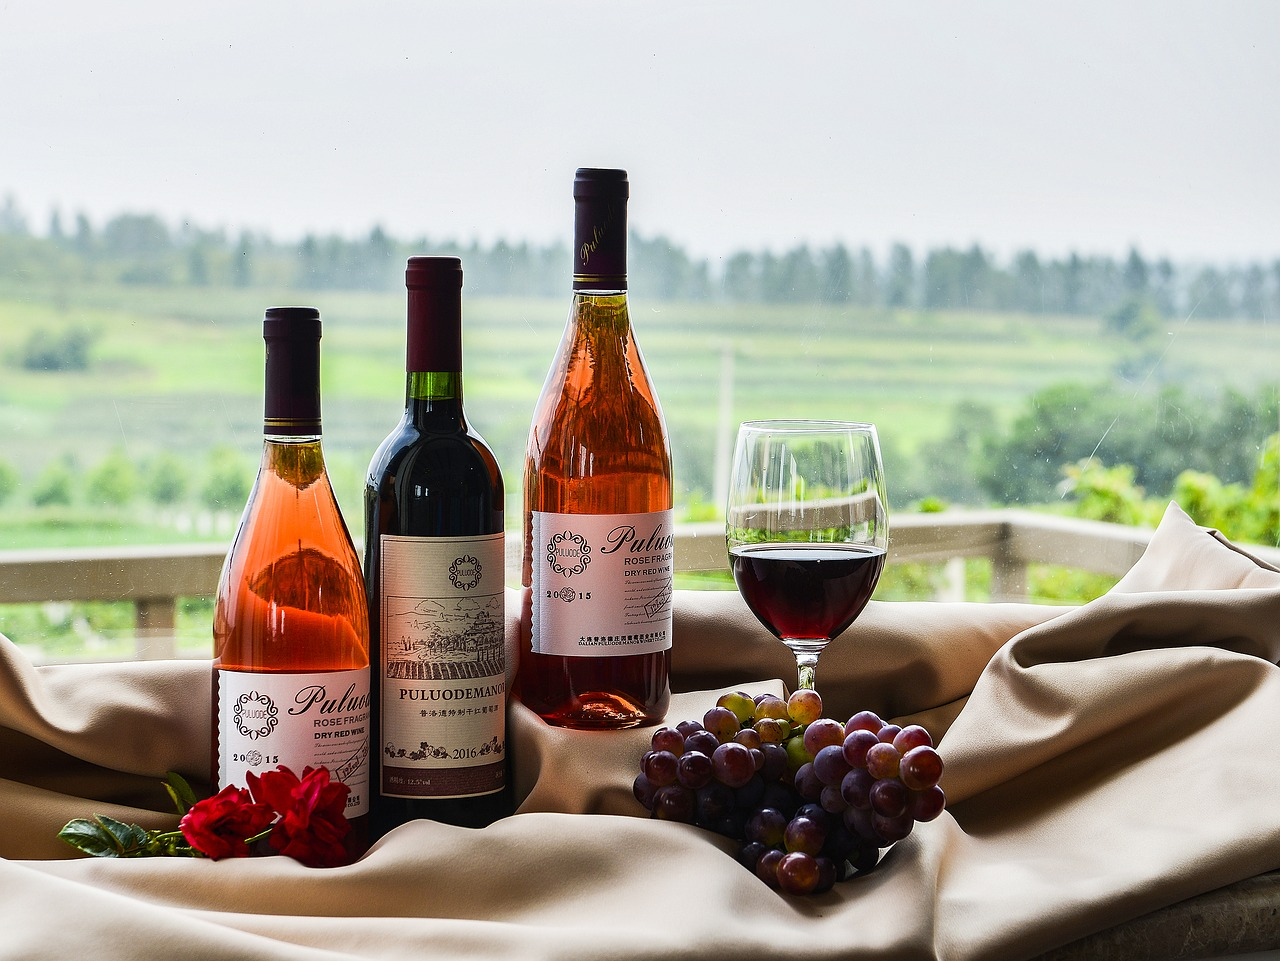 lifestyle-degustacja-wina-wino-slodkie-wino-wytrawne